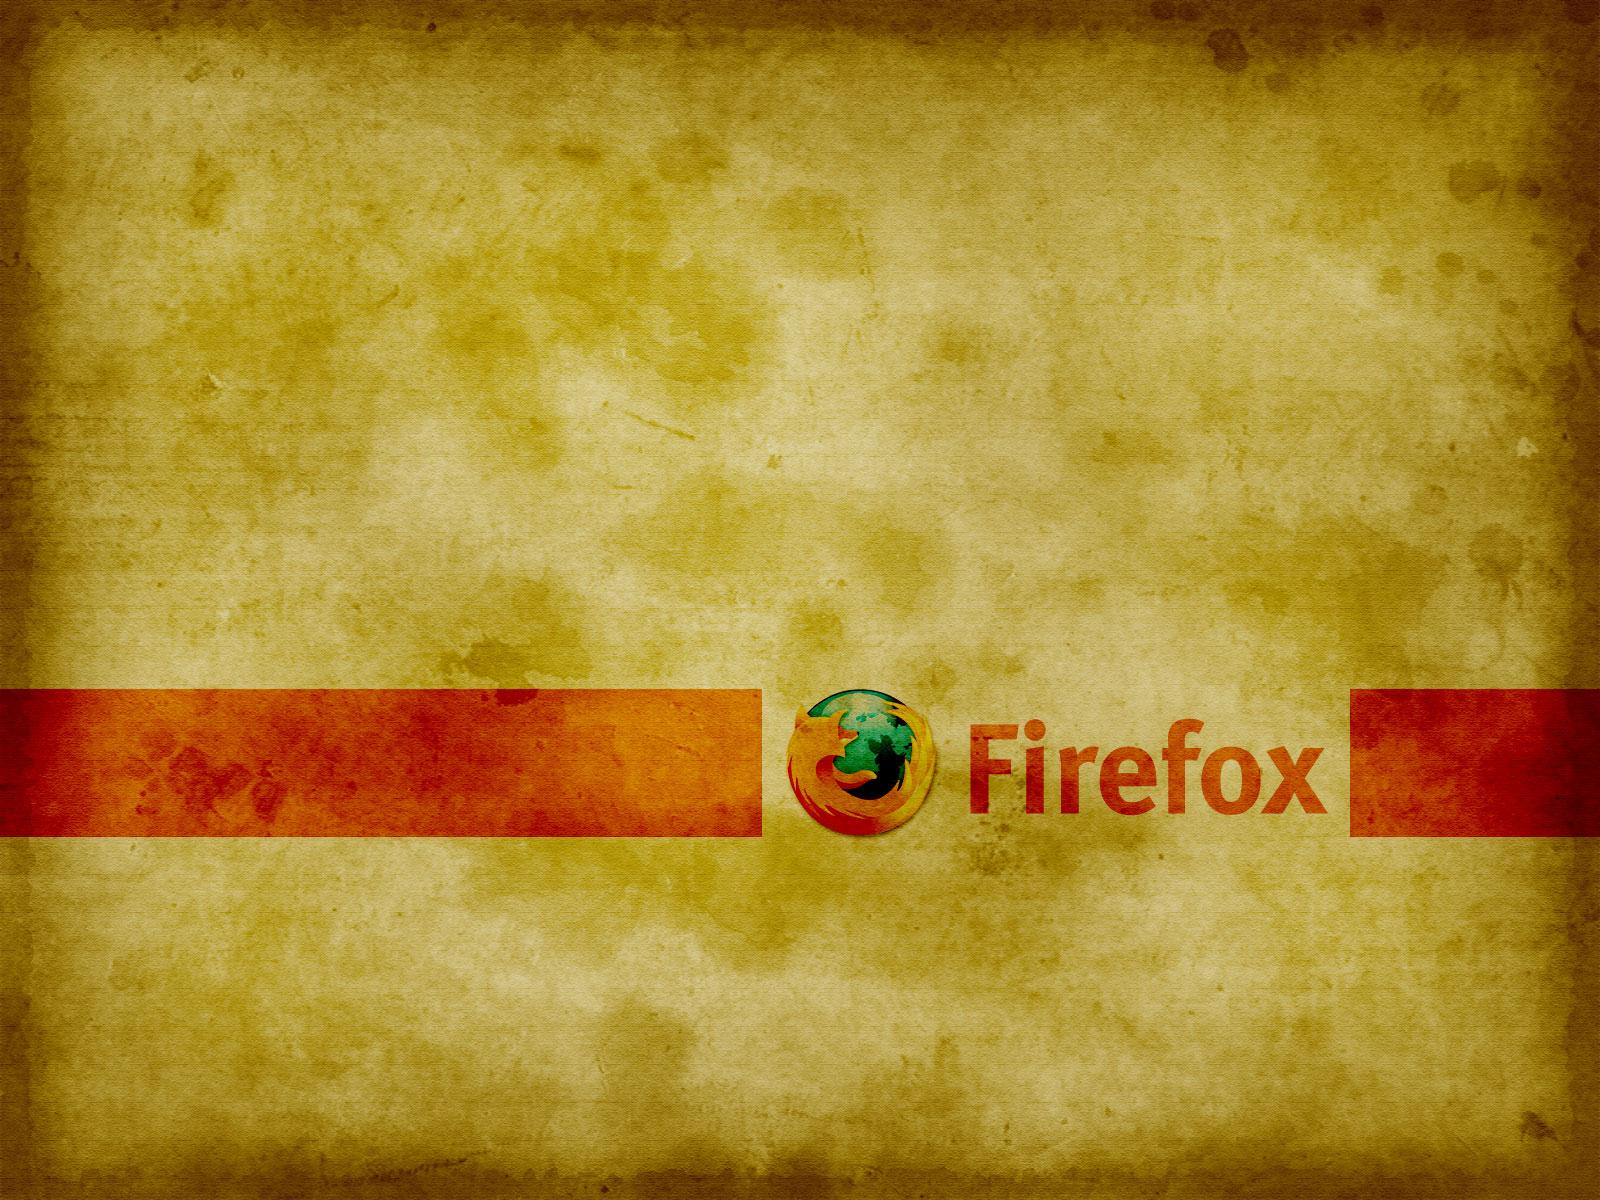 42 firefox